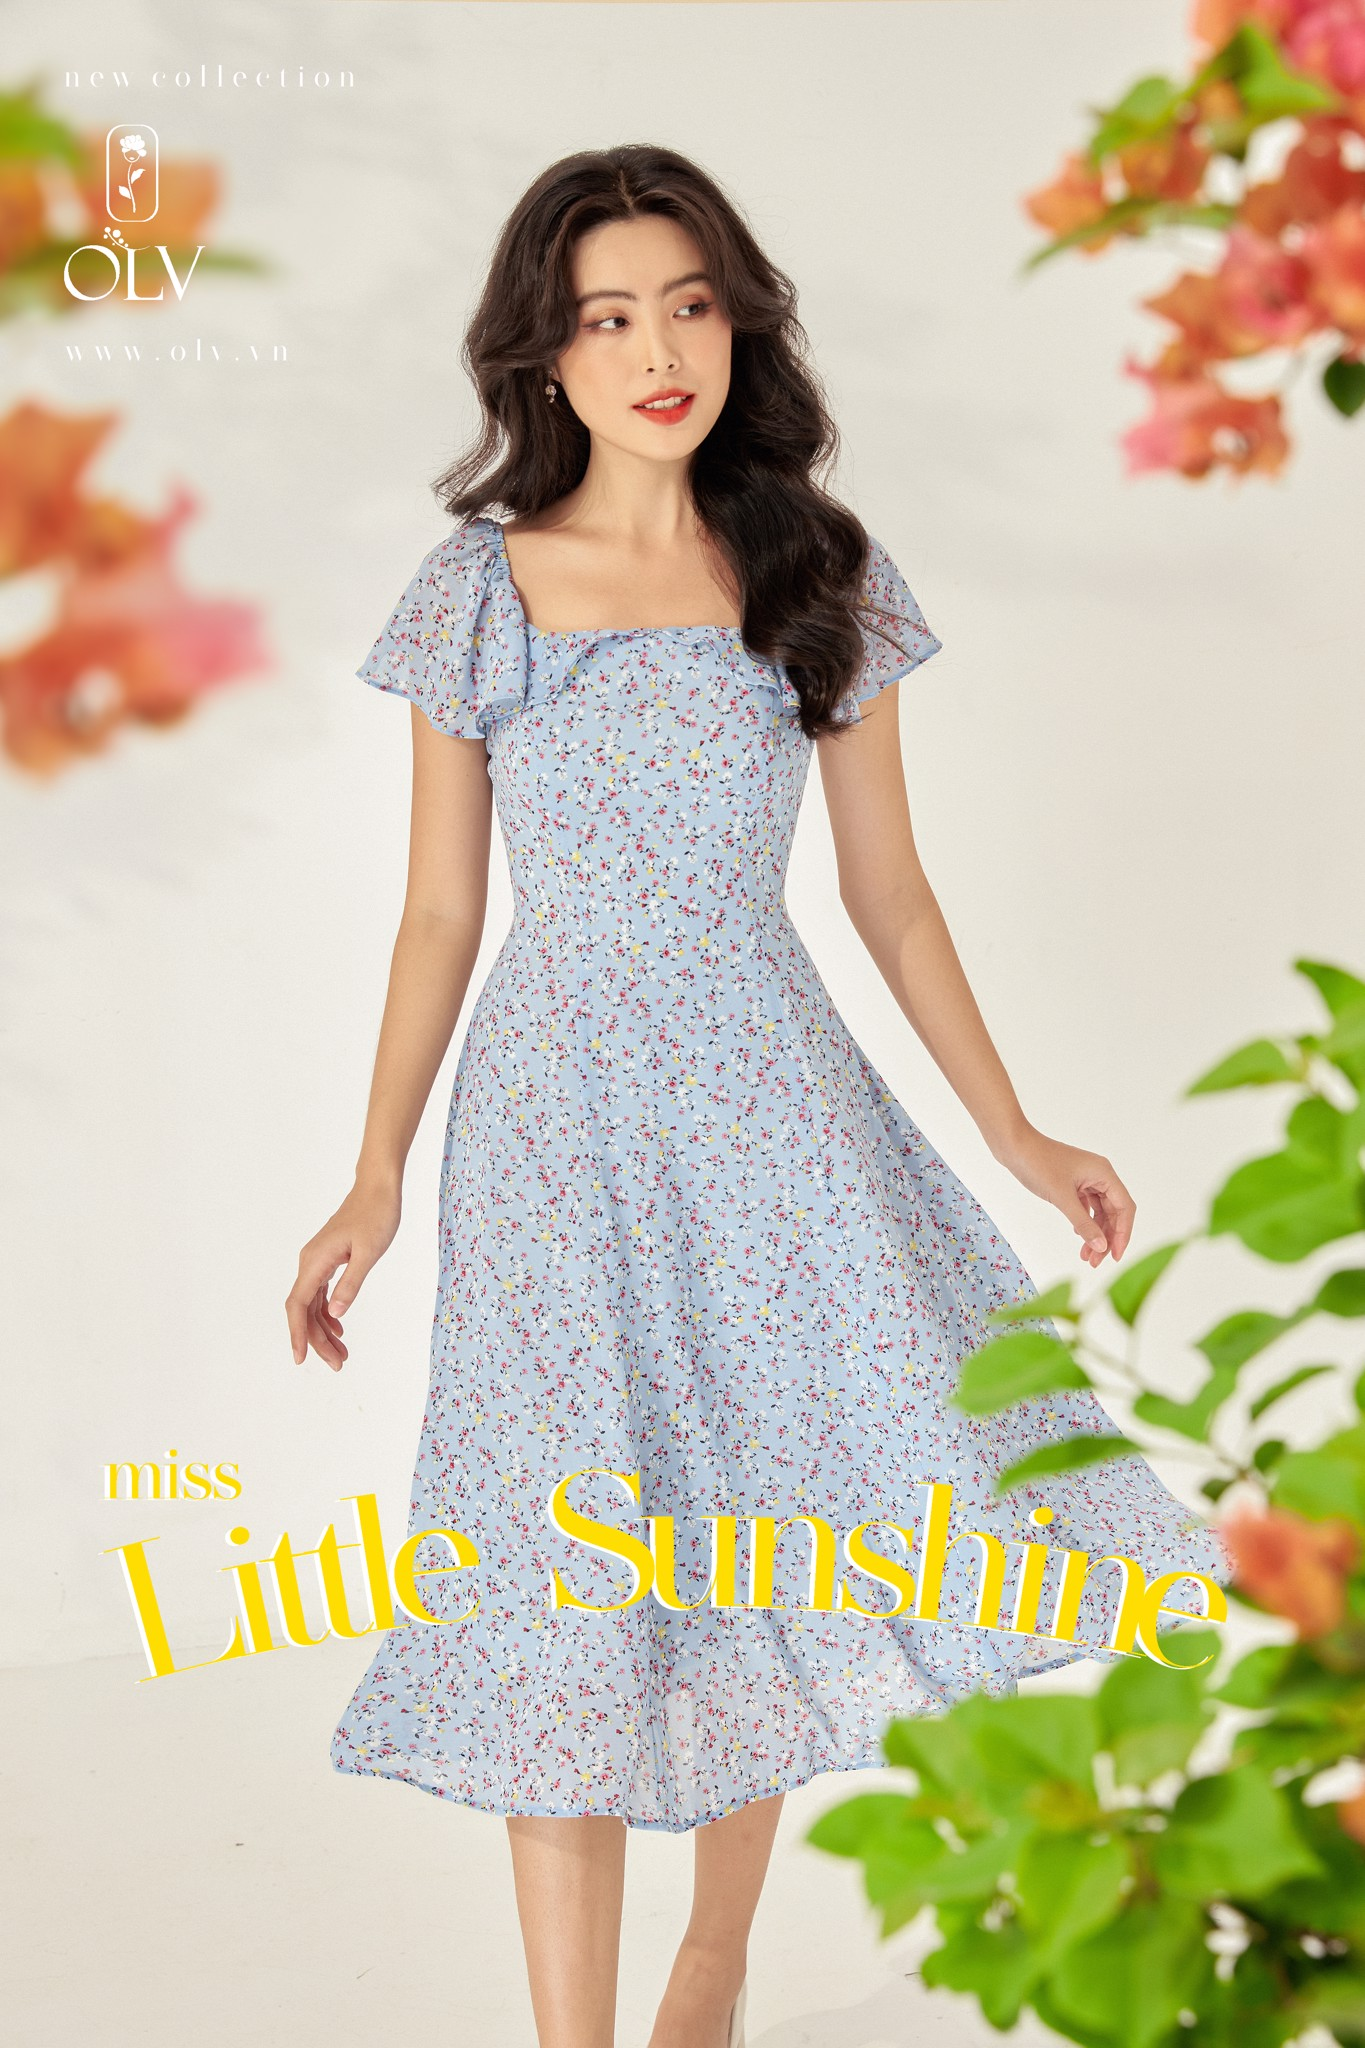 olv miss little sunshine